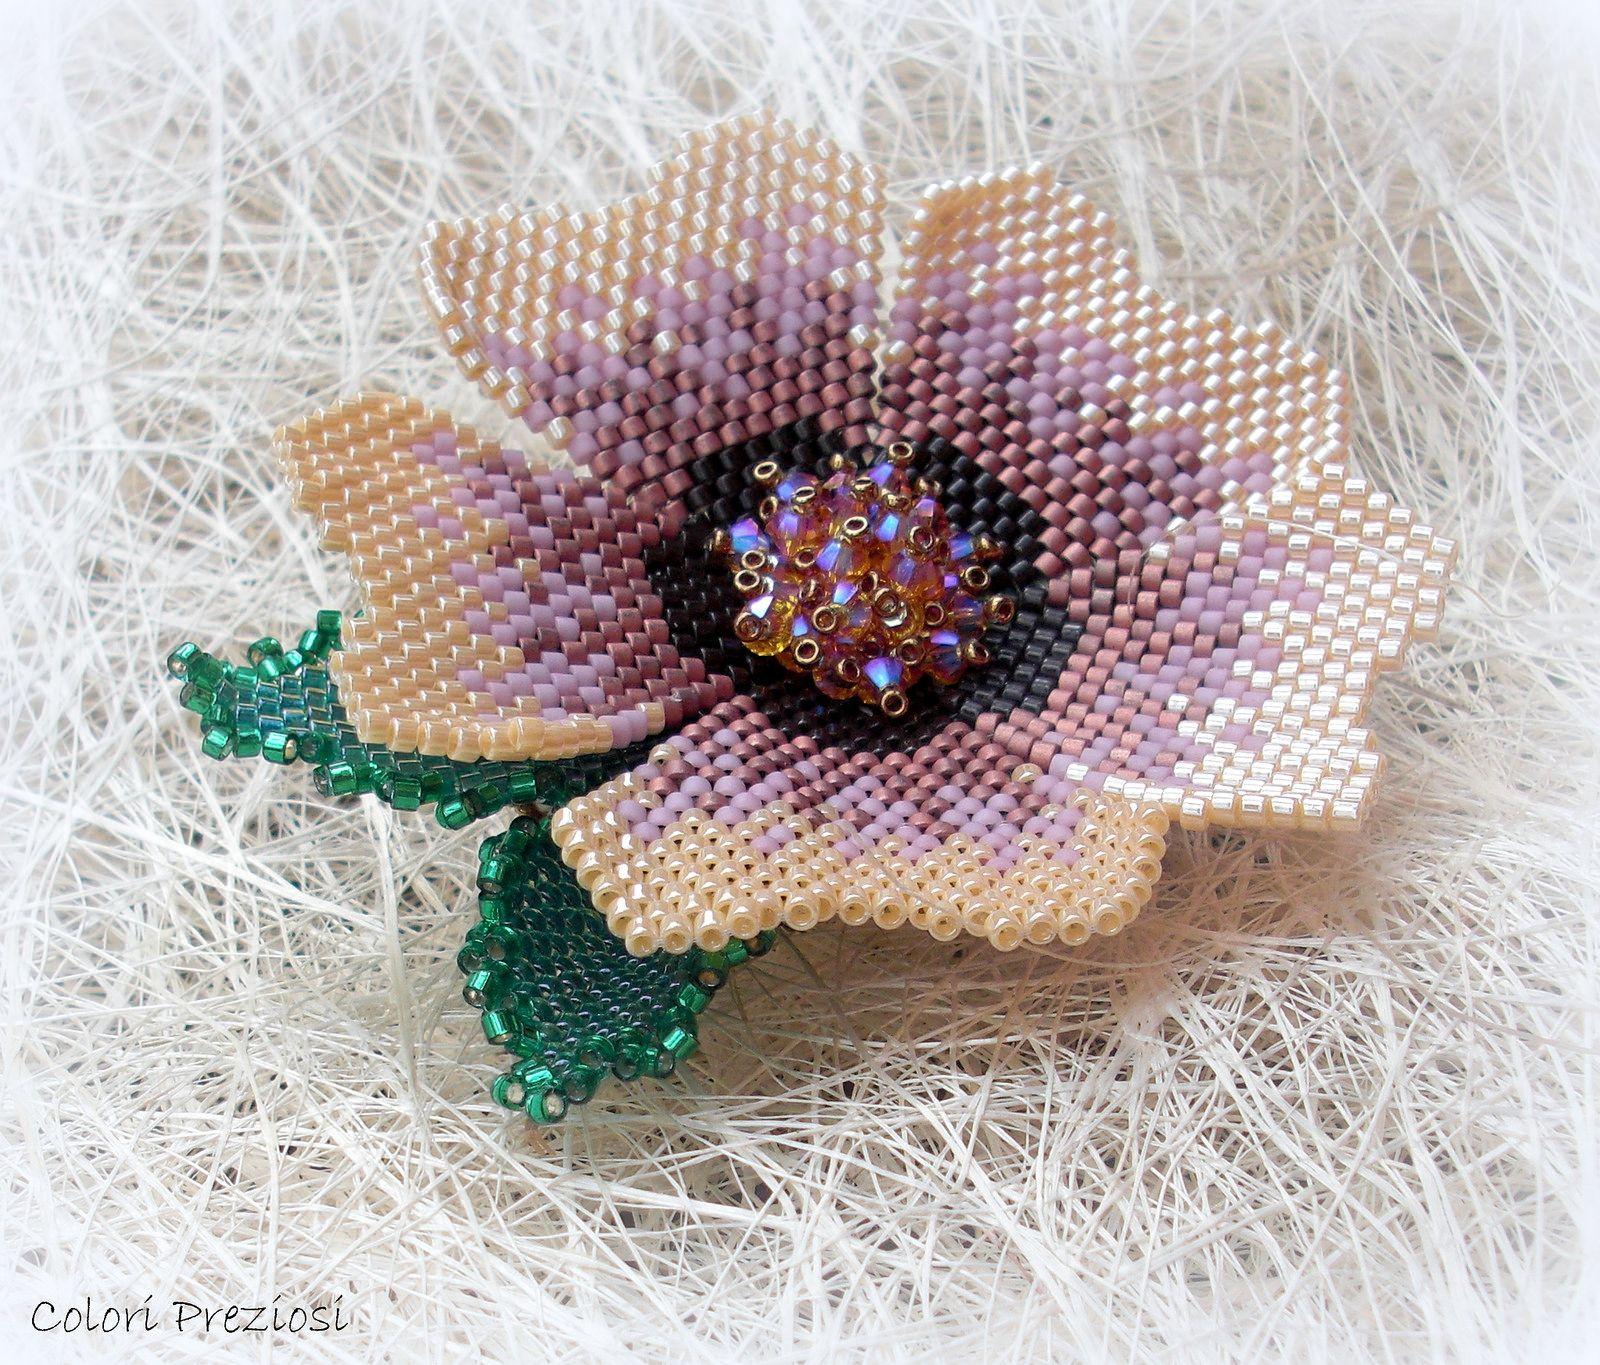 https://flic.kr/p/mBVhsZ | COEUR DE FLEUR - aspettando la primavera | Spilla interamente realizzata a mano con un mix di tecniche di tessitura...peyote, brick stitch, embroidery..... Perchè  un fiore porta sempre gioia e colore! ^_^